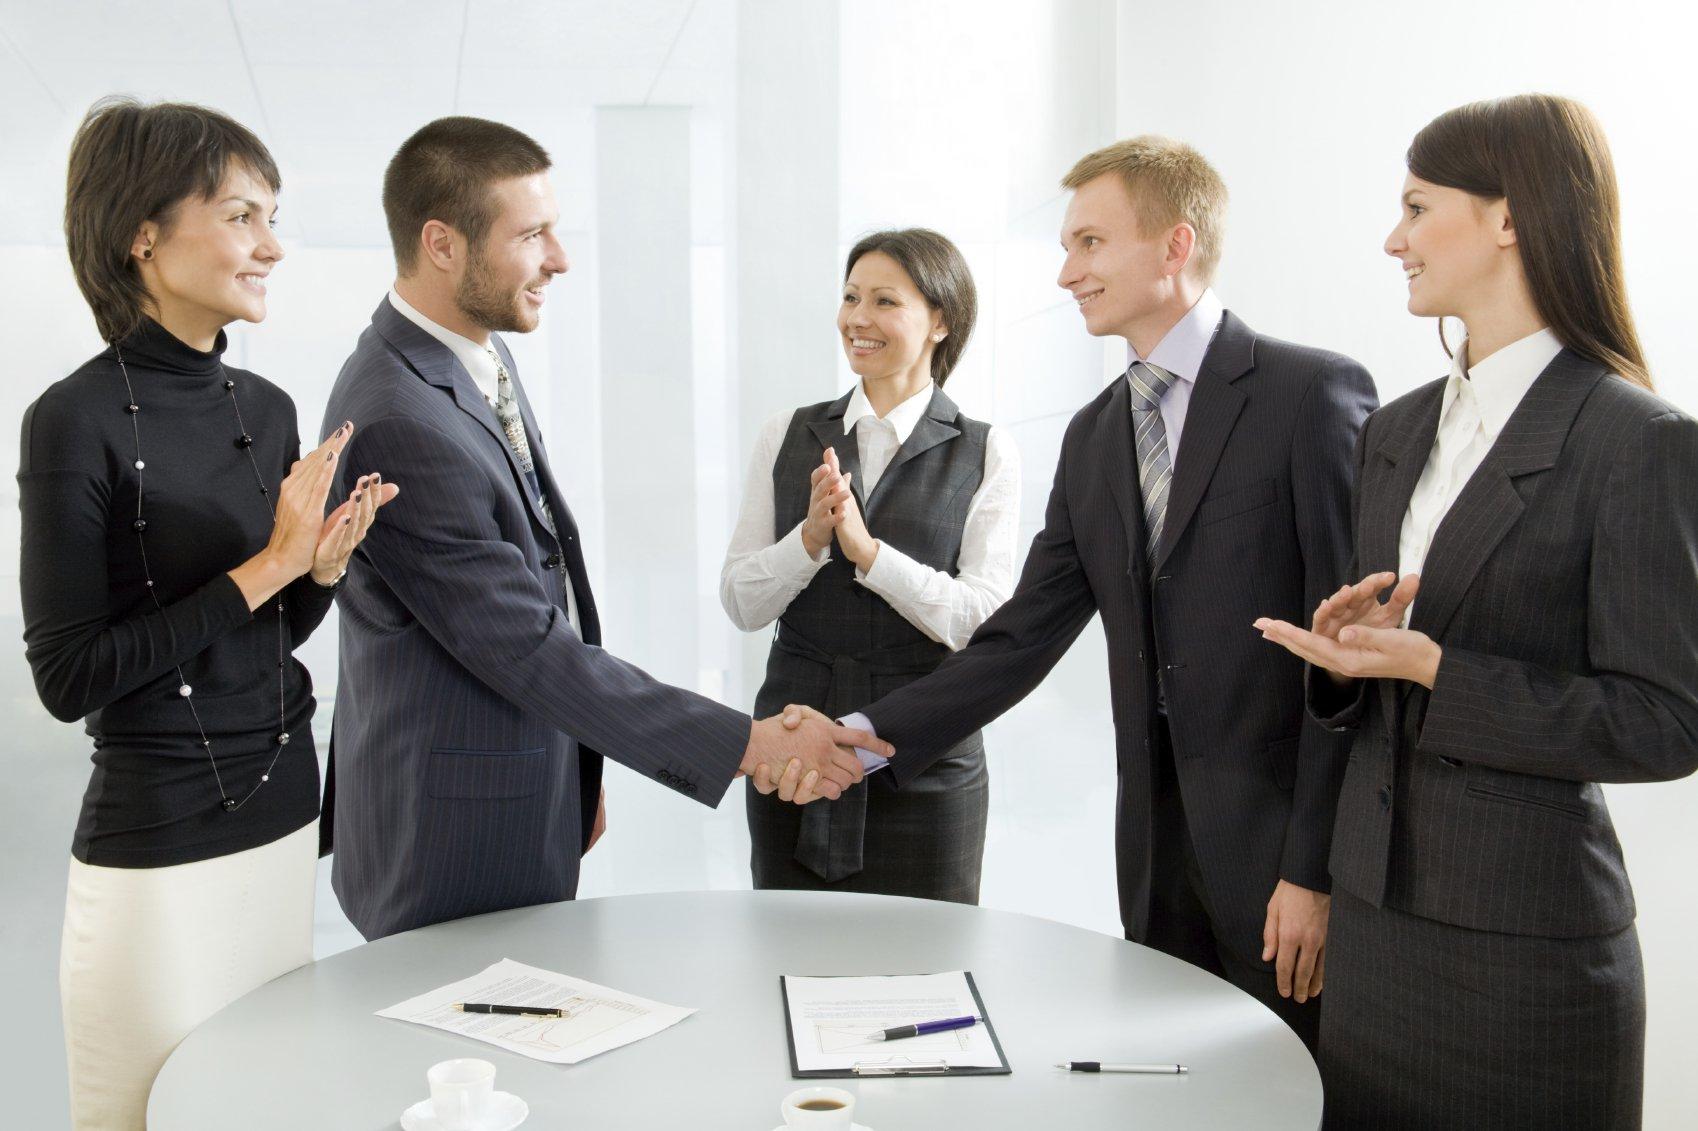 học các đoạn hội thoại tiếng Anh giao tiếp văn phòng